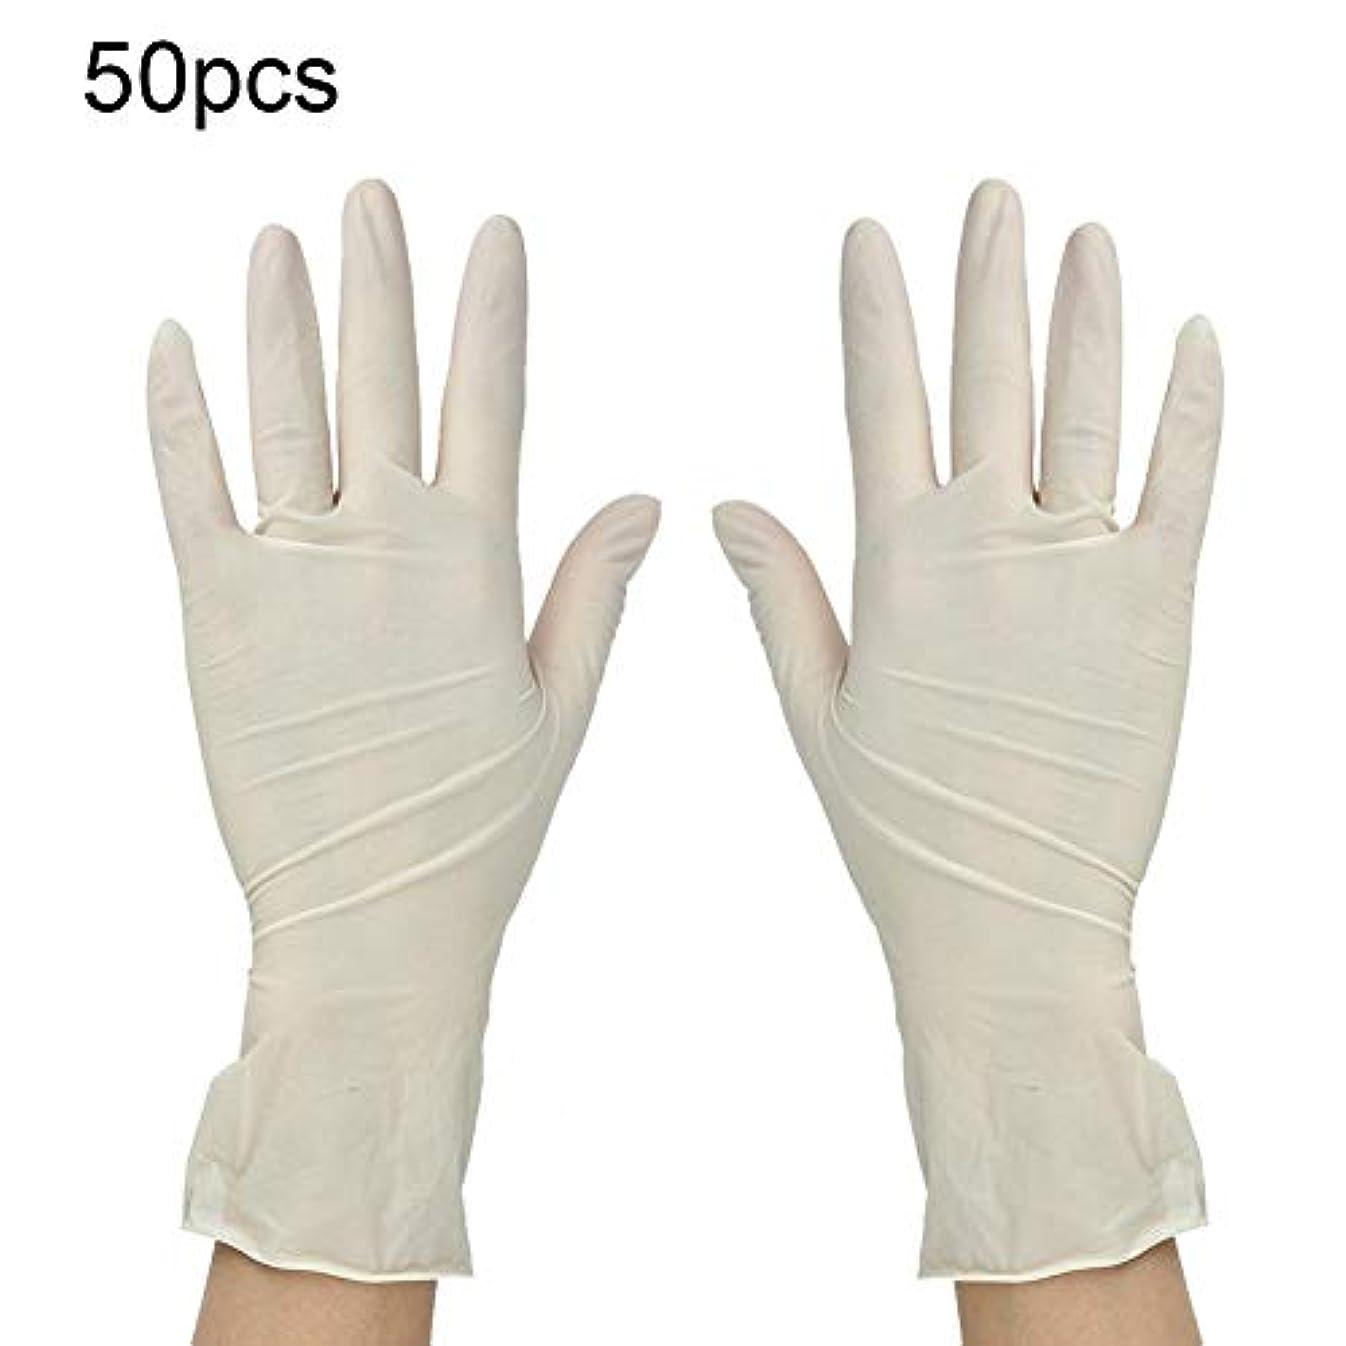 ミッション晴れ大使50ペア/パック使い捨て手袋 エクストラストロングラテックスグローブ 美容院医療歯科 サービスクリーニング手袋(S)